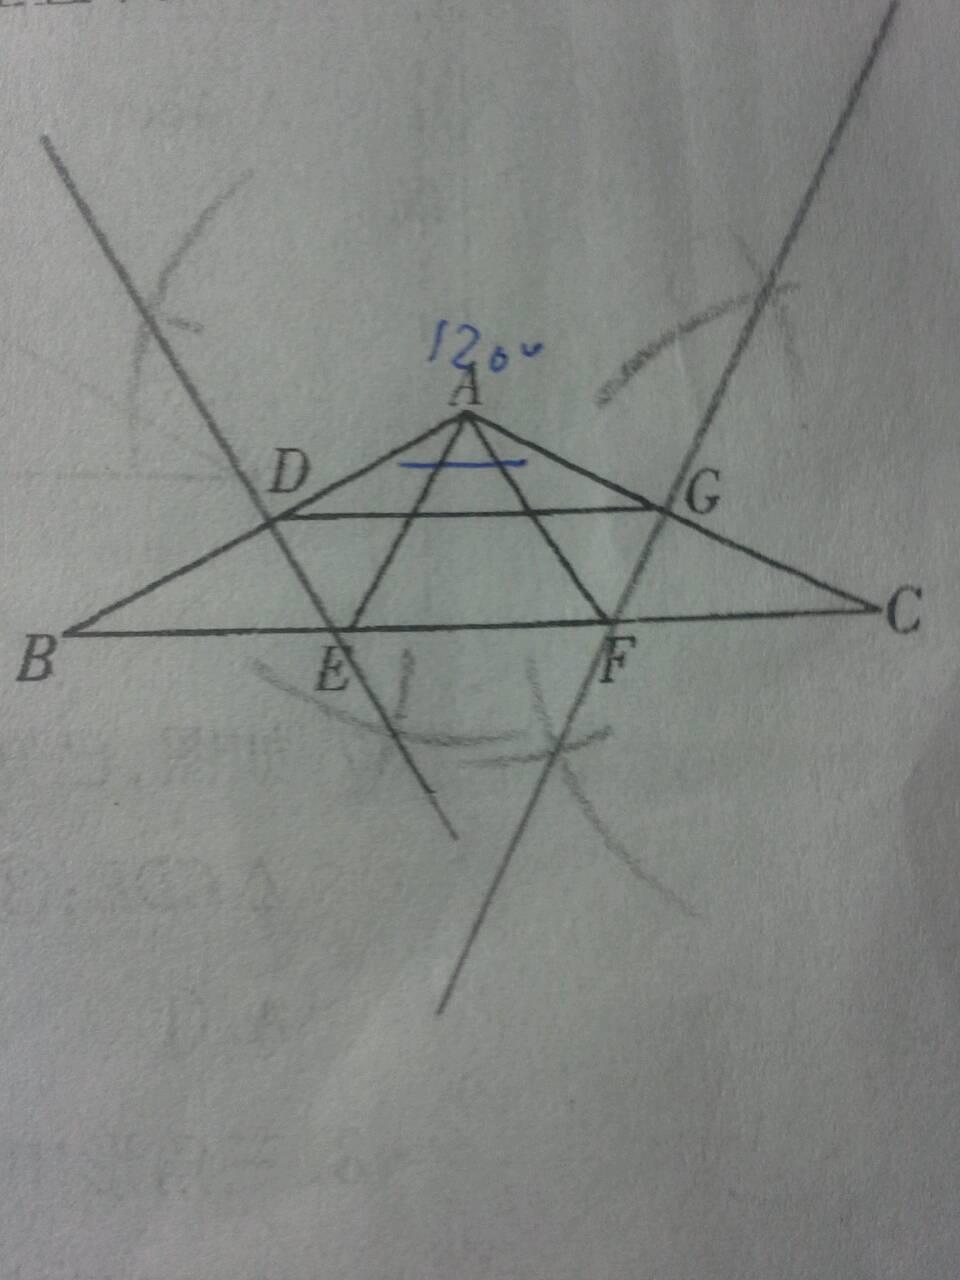 如图所示,在等腰三角形ABC中,AB AC, BAC 120 .①连接DG,DG与